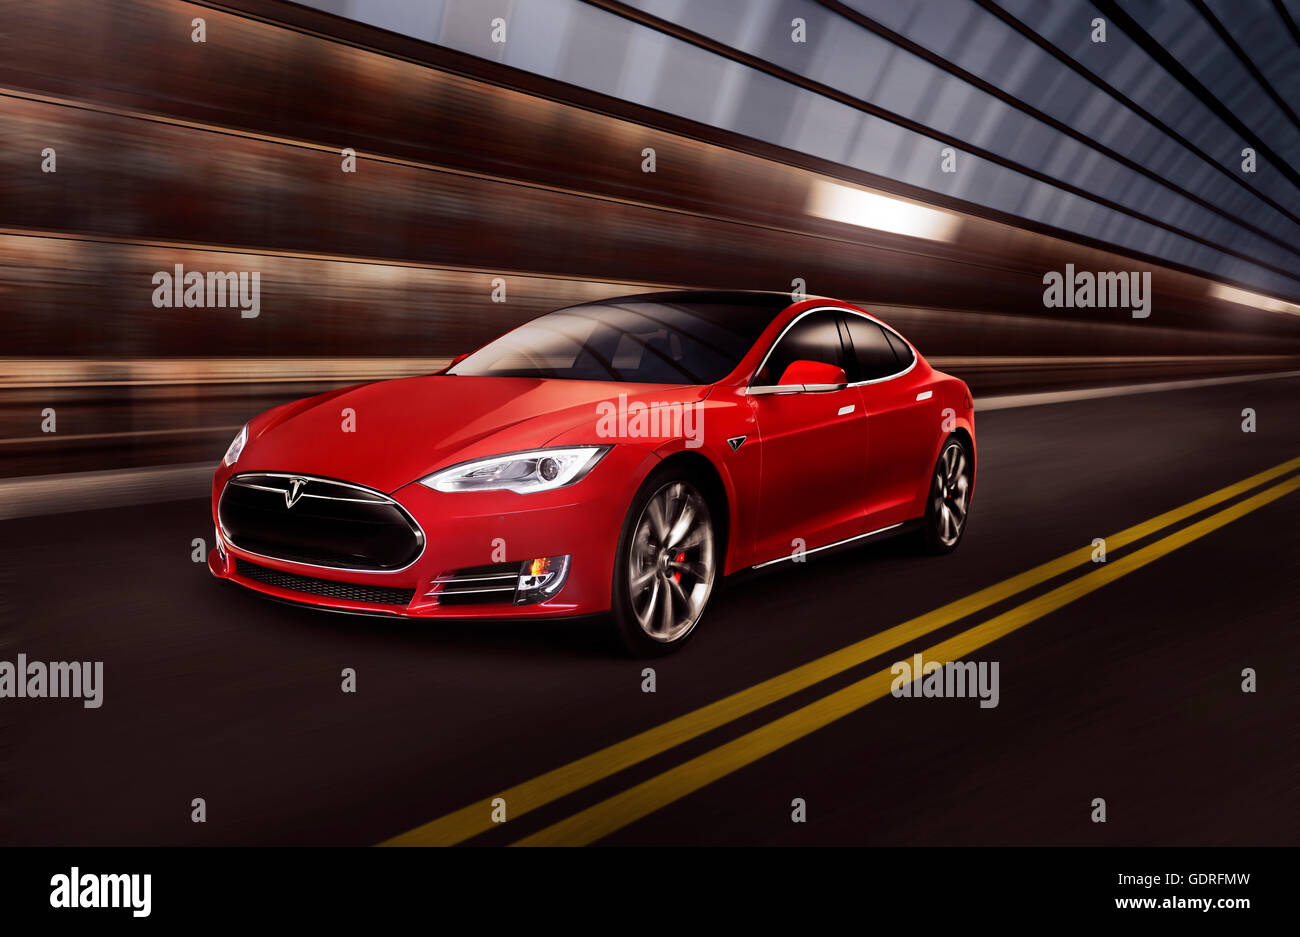 Red Tesla Model S Luxus elektrische Auto beschleunigt durch einen metallischen industriellen tunnel Stockbild